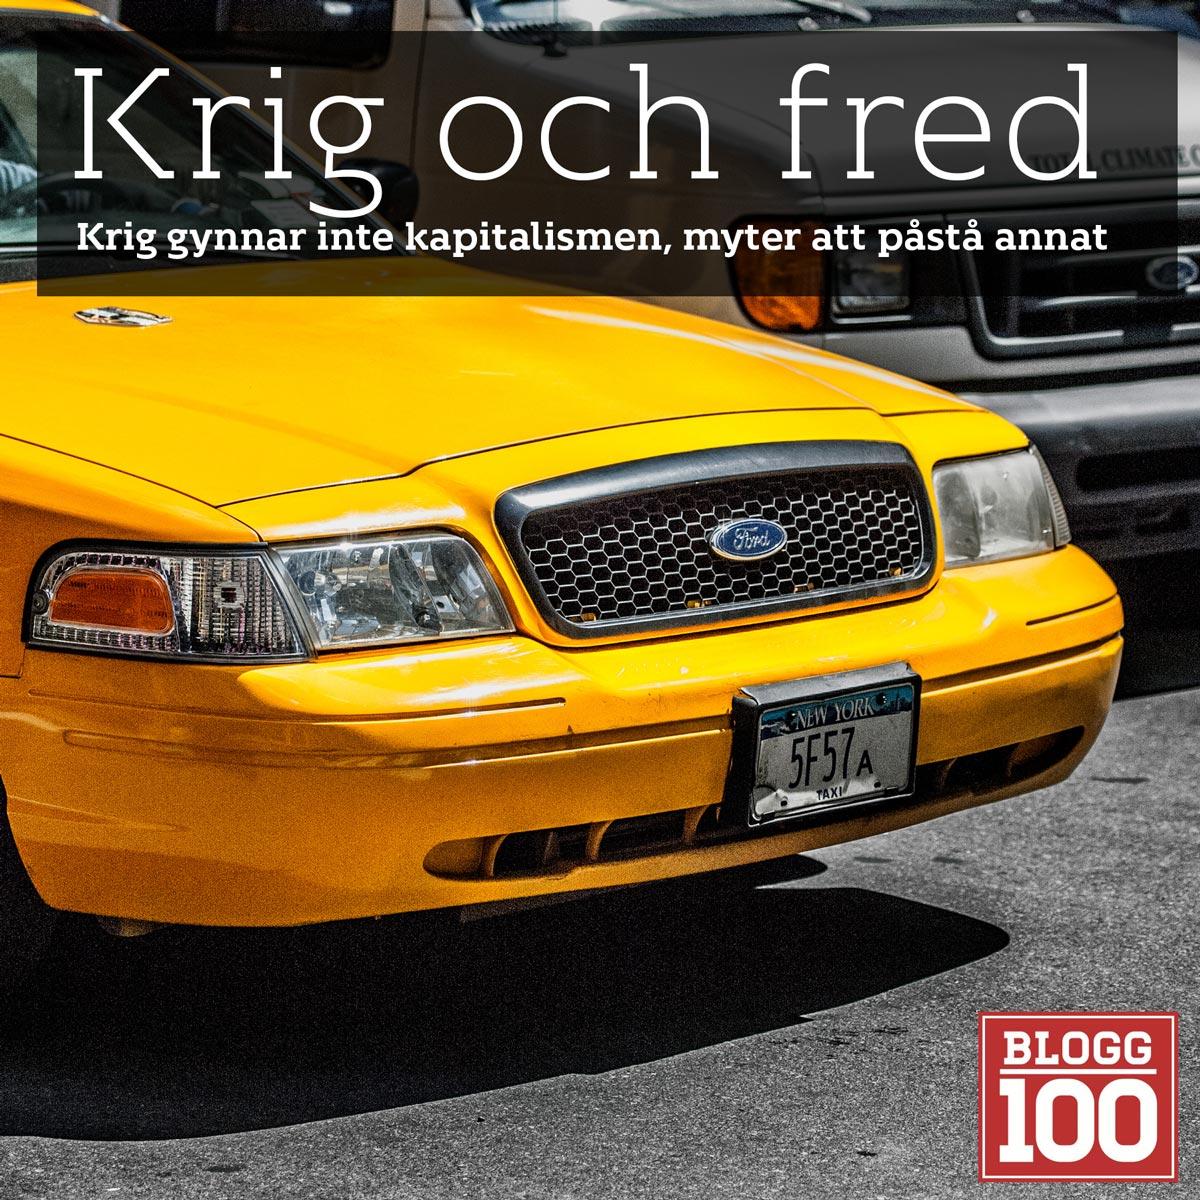 Krig beror inte på pengar #blogg100 #fb